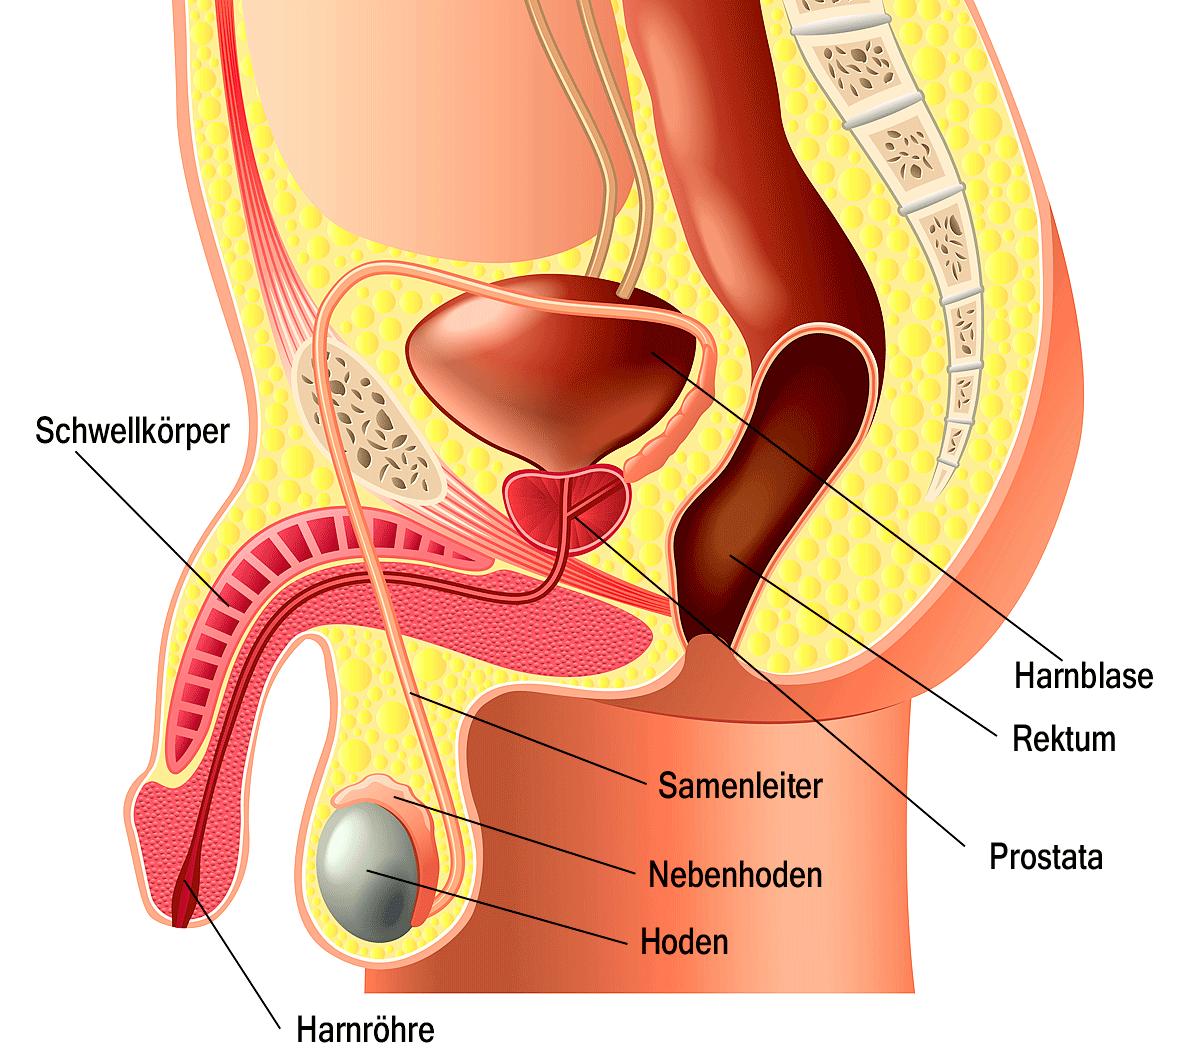 intensiver sex wie groß ist der kleinste penis